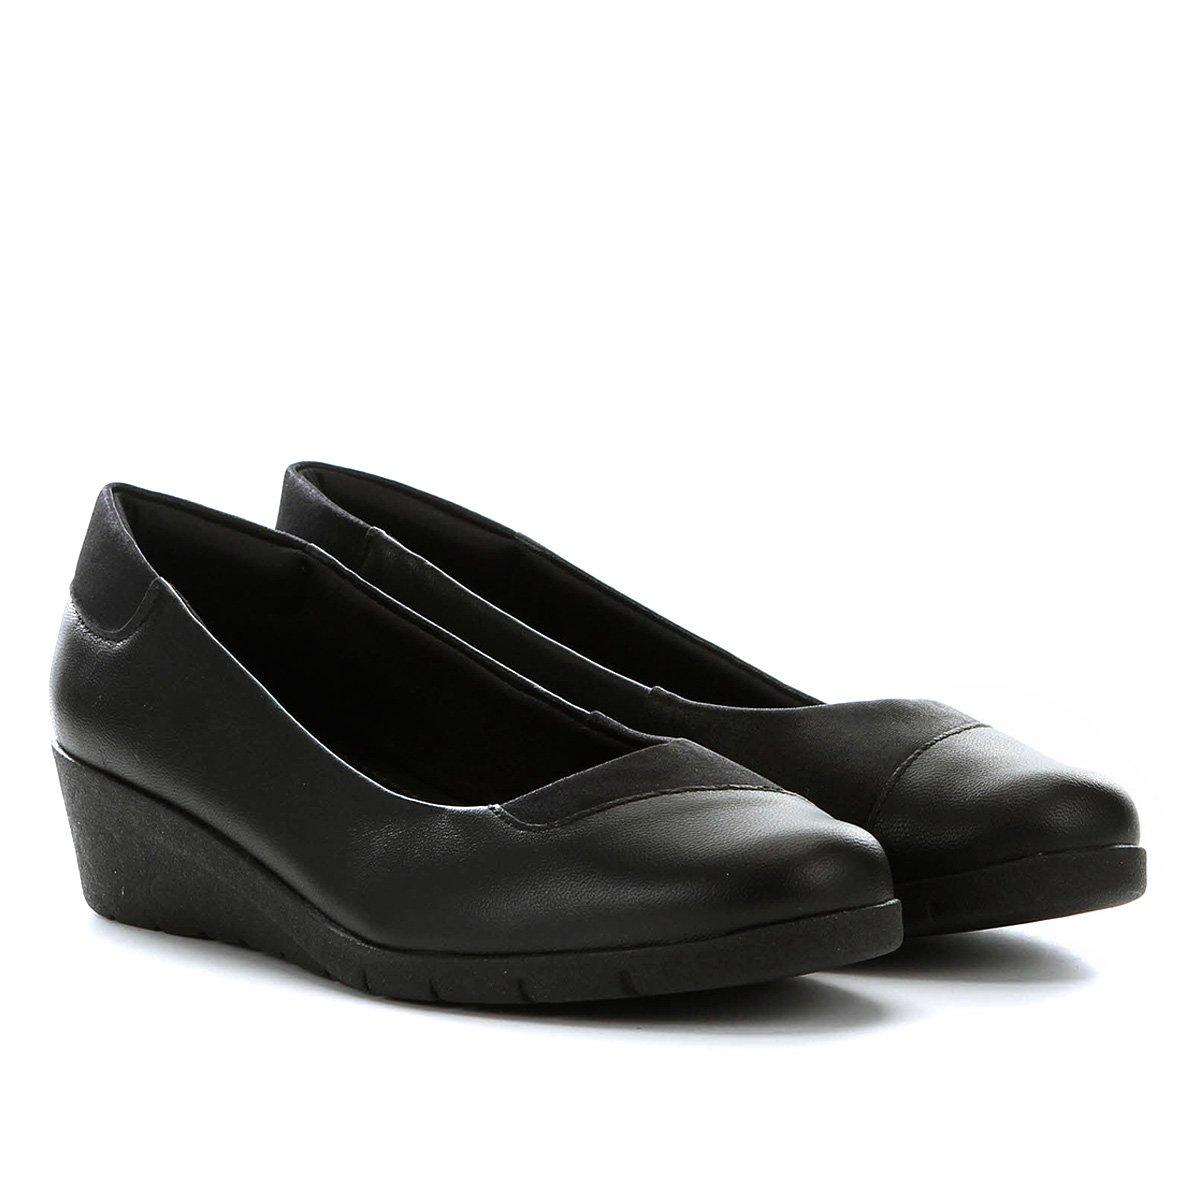 c07221a19 Sapato Couro Usaflex Anabela Salto Baixo Feminino